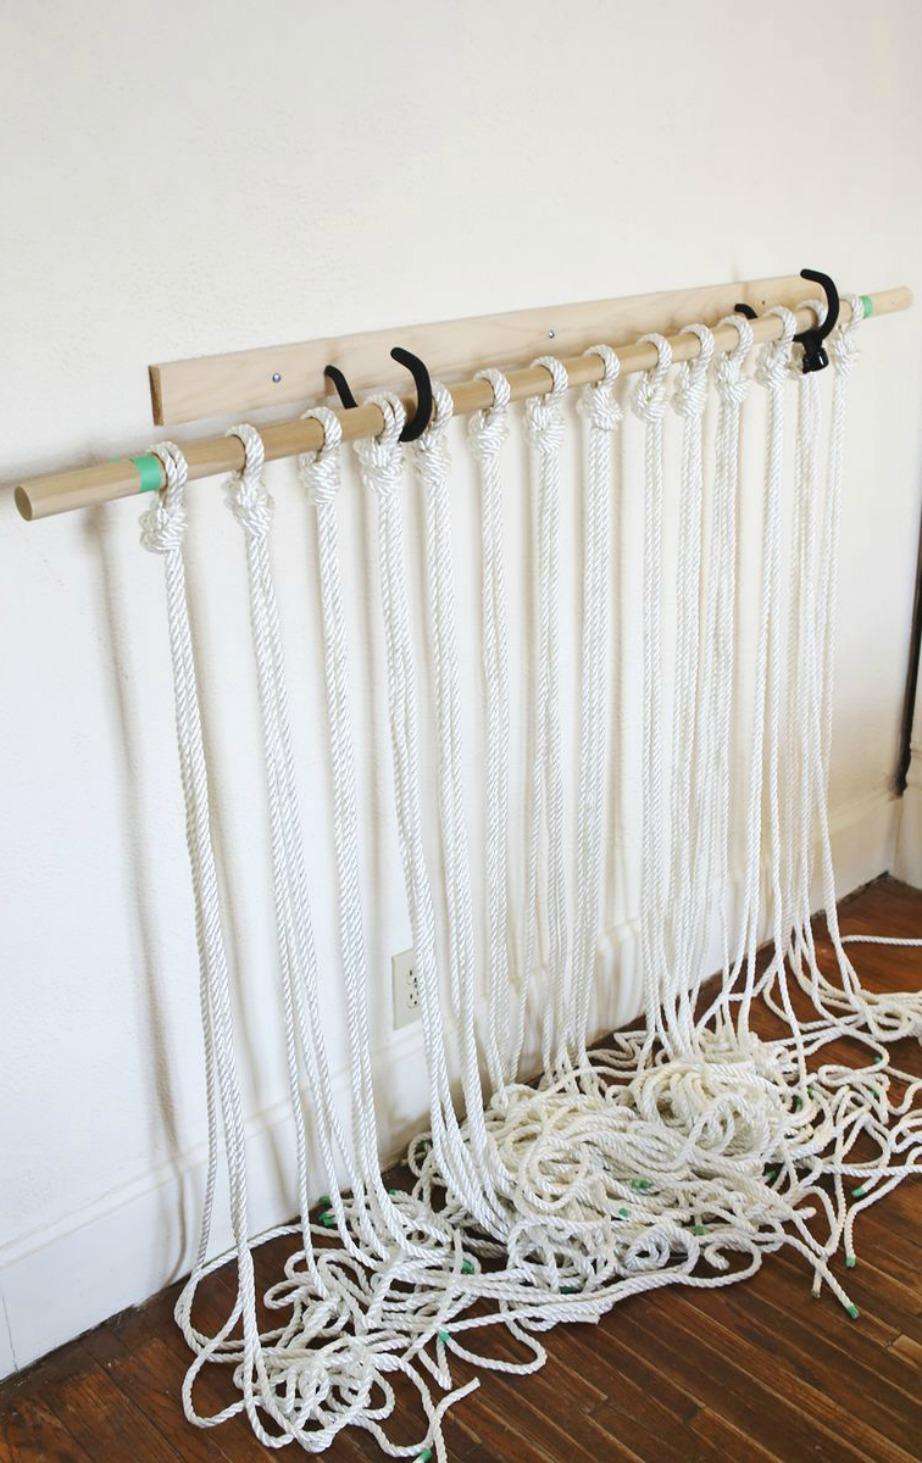 Περάστε σε κάποια επιφάνεια σχοινιά για να φτιάξετε εύκολα την κουρτίνα σας.